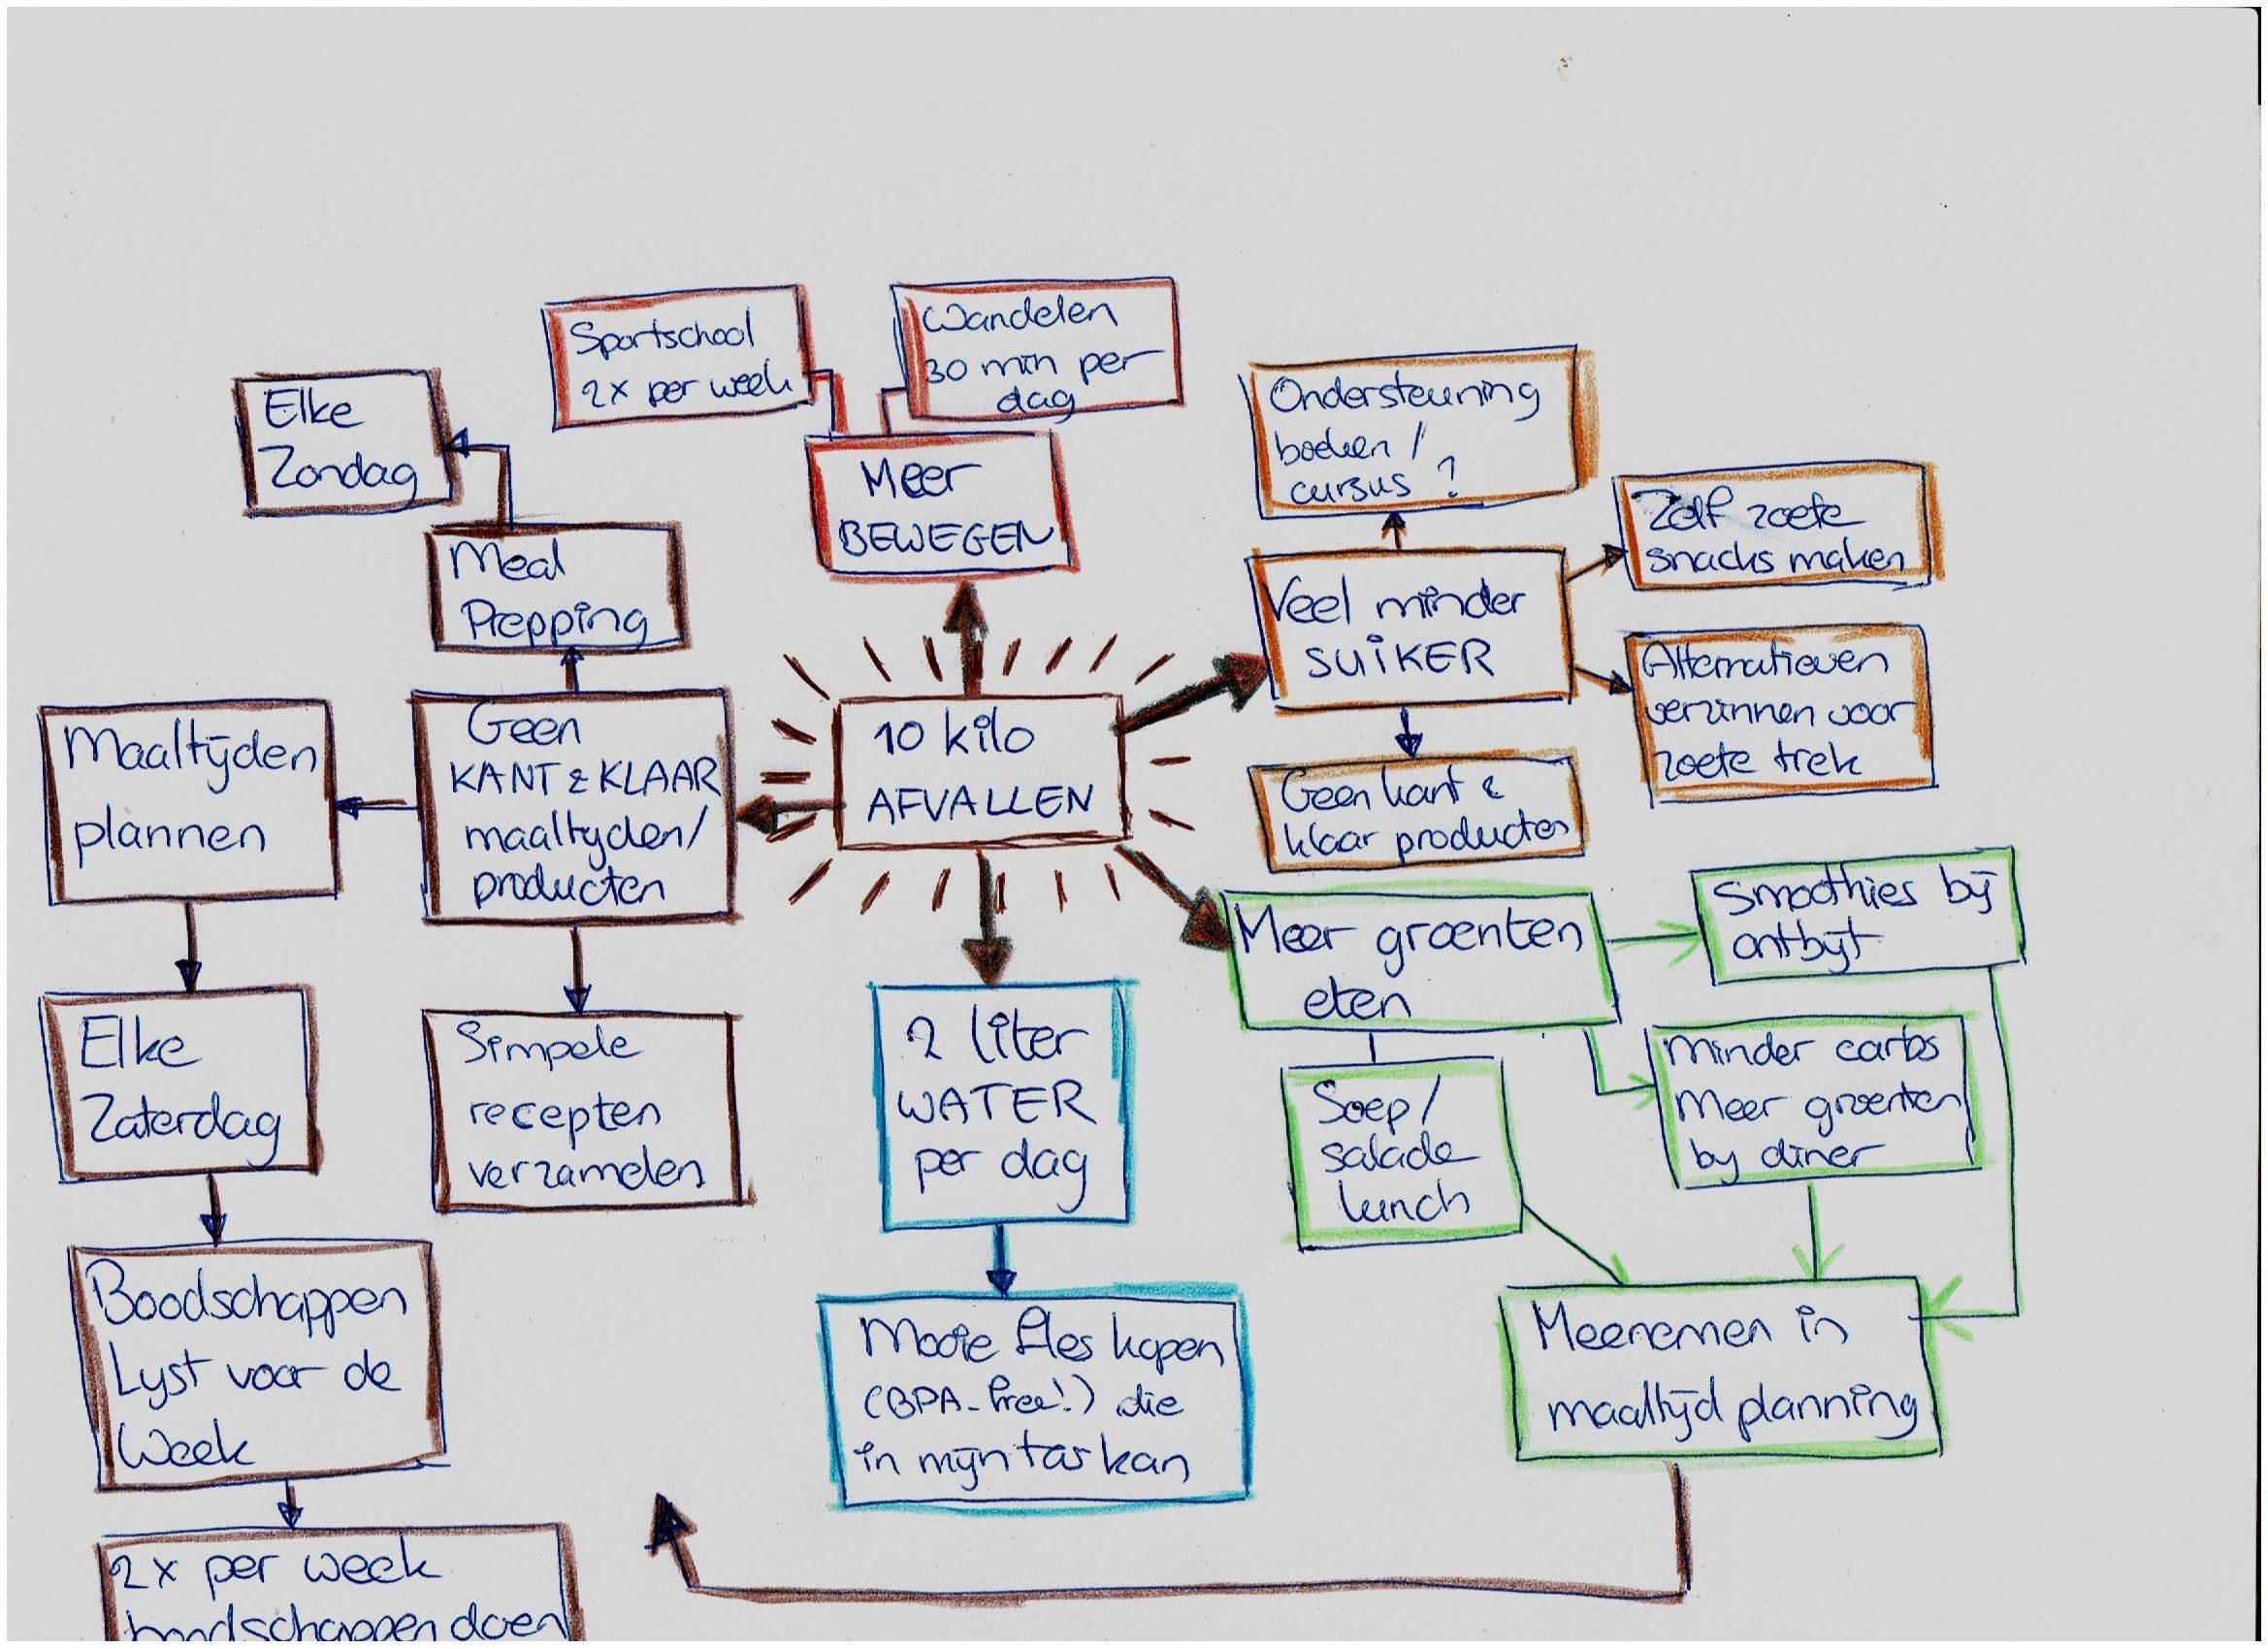 Een voorbeeld mindmap van een goed voornemen